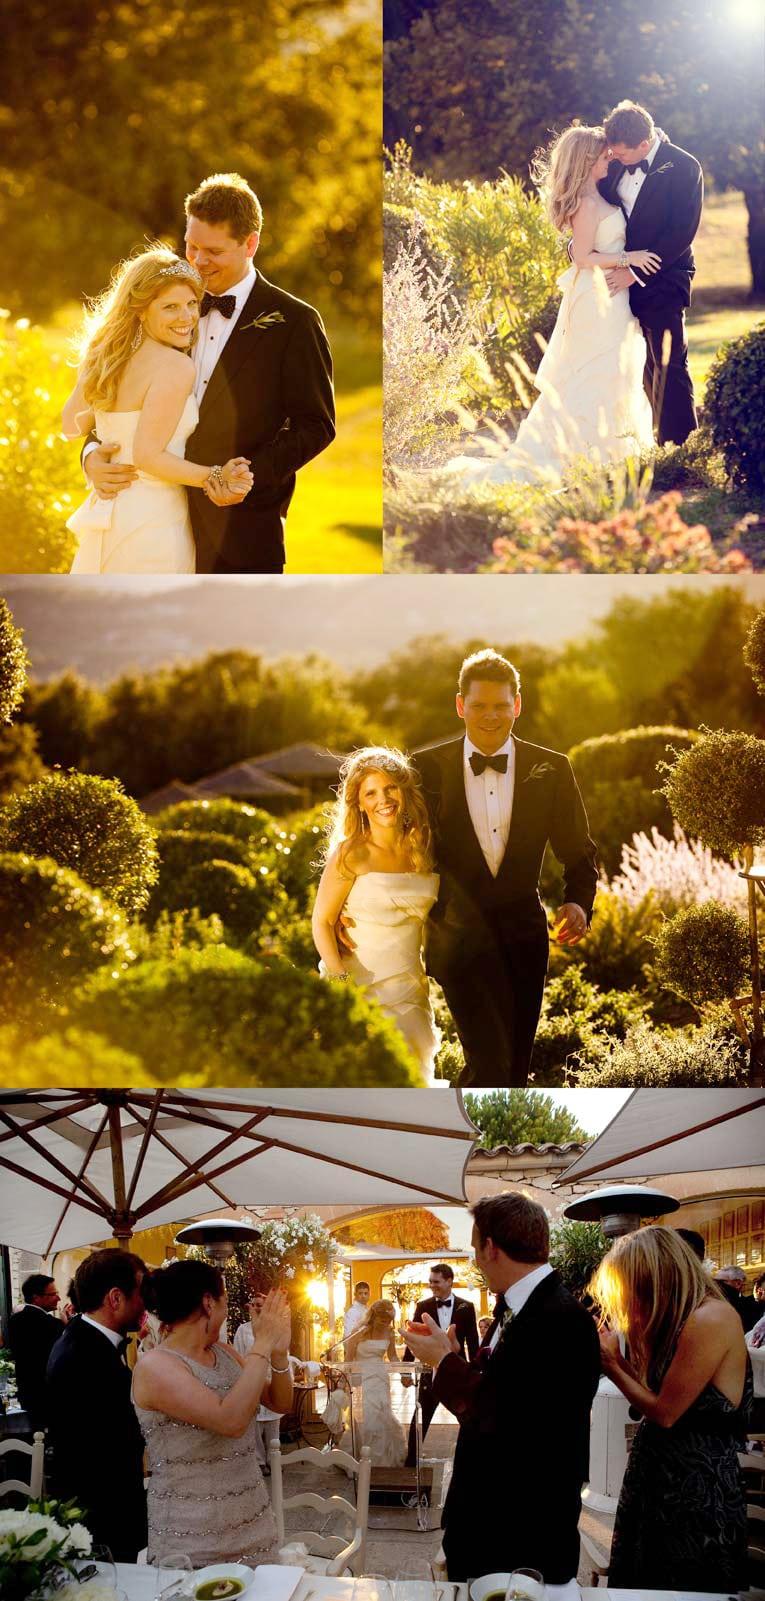 wedding-luberon-provence-18